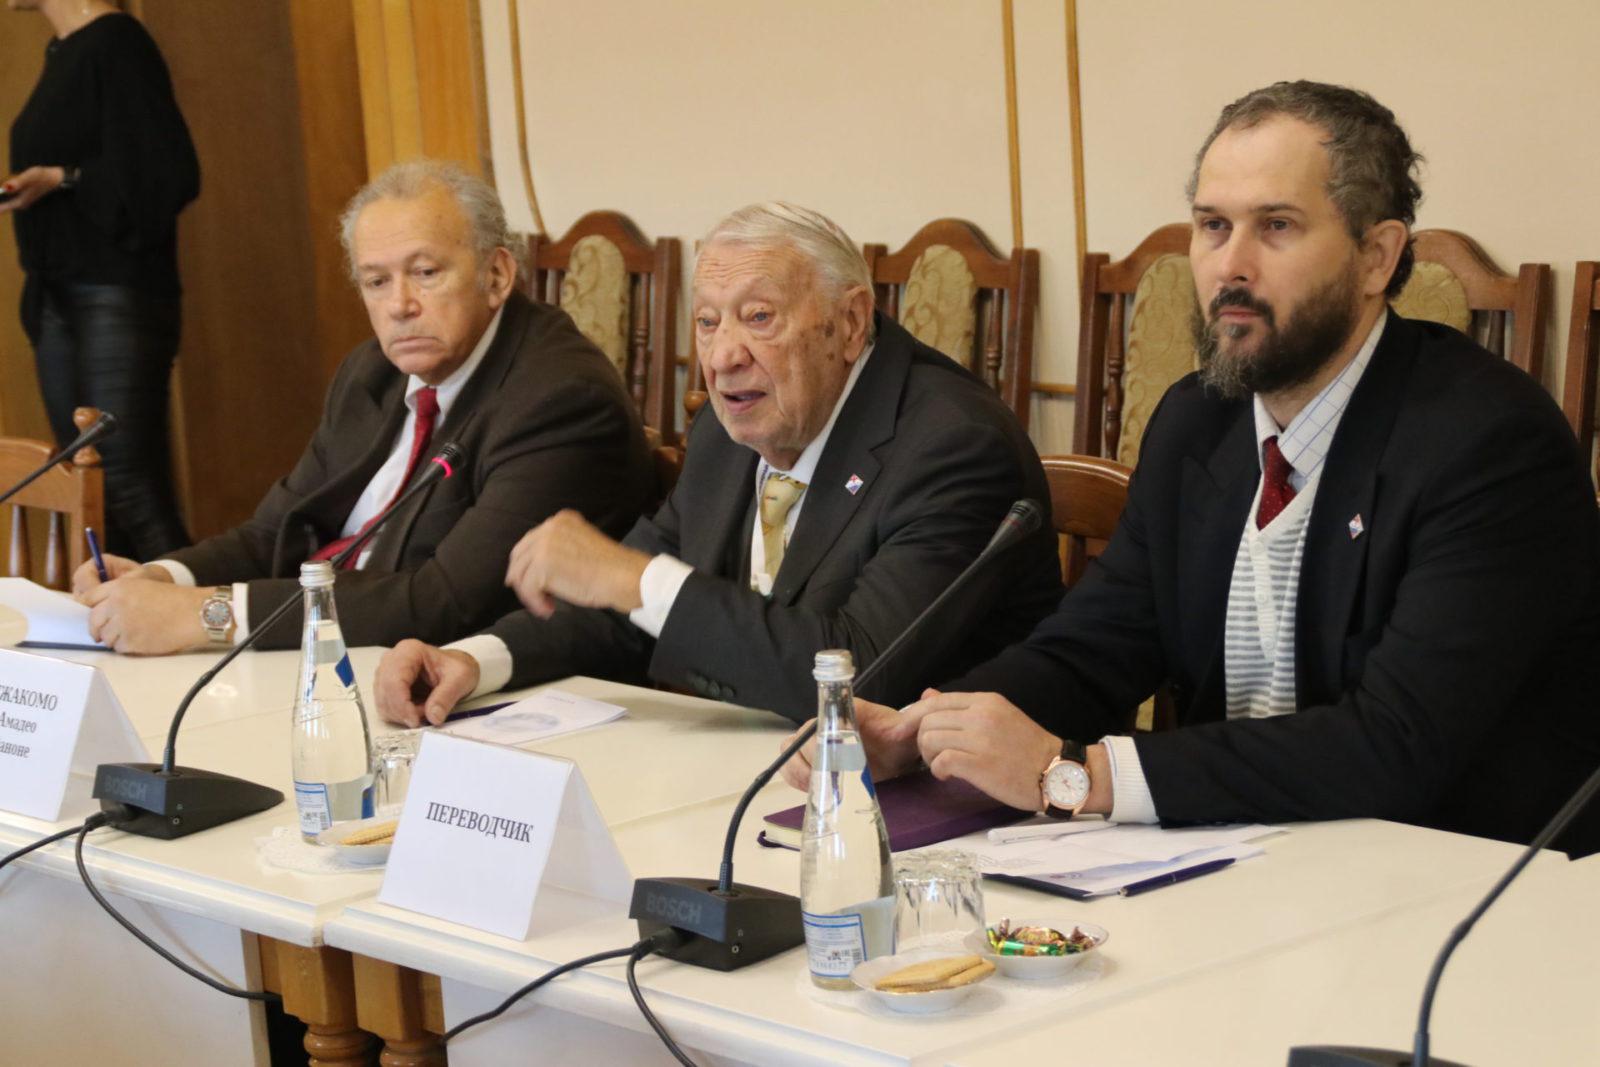 В Крыму работает делегация учёных из Италии [видео]